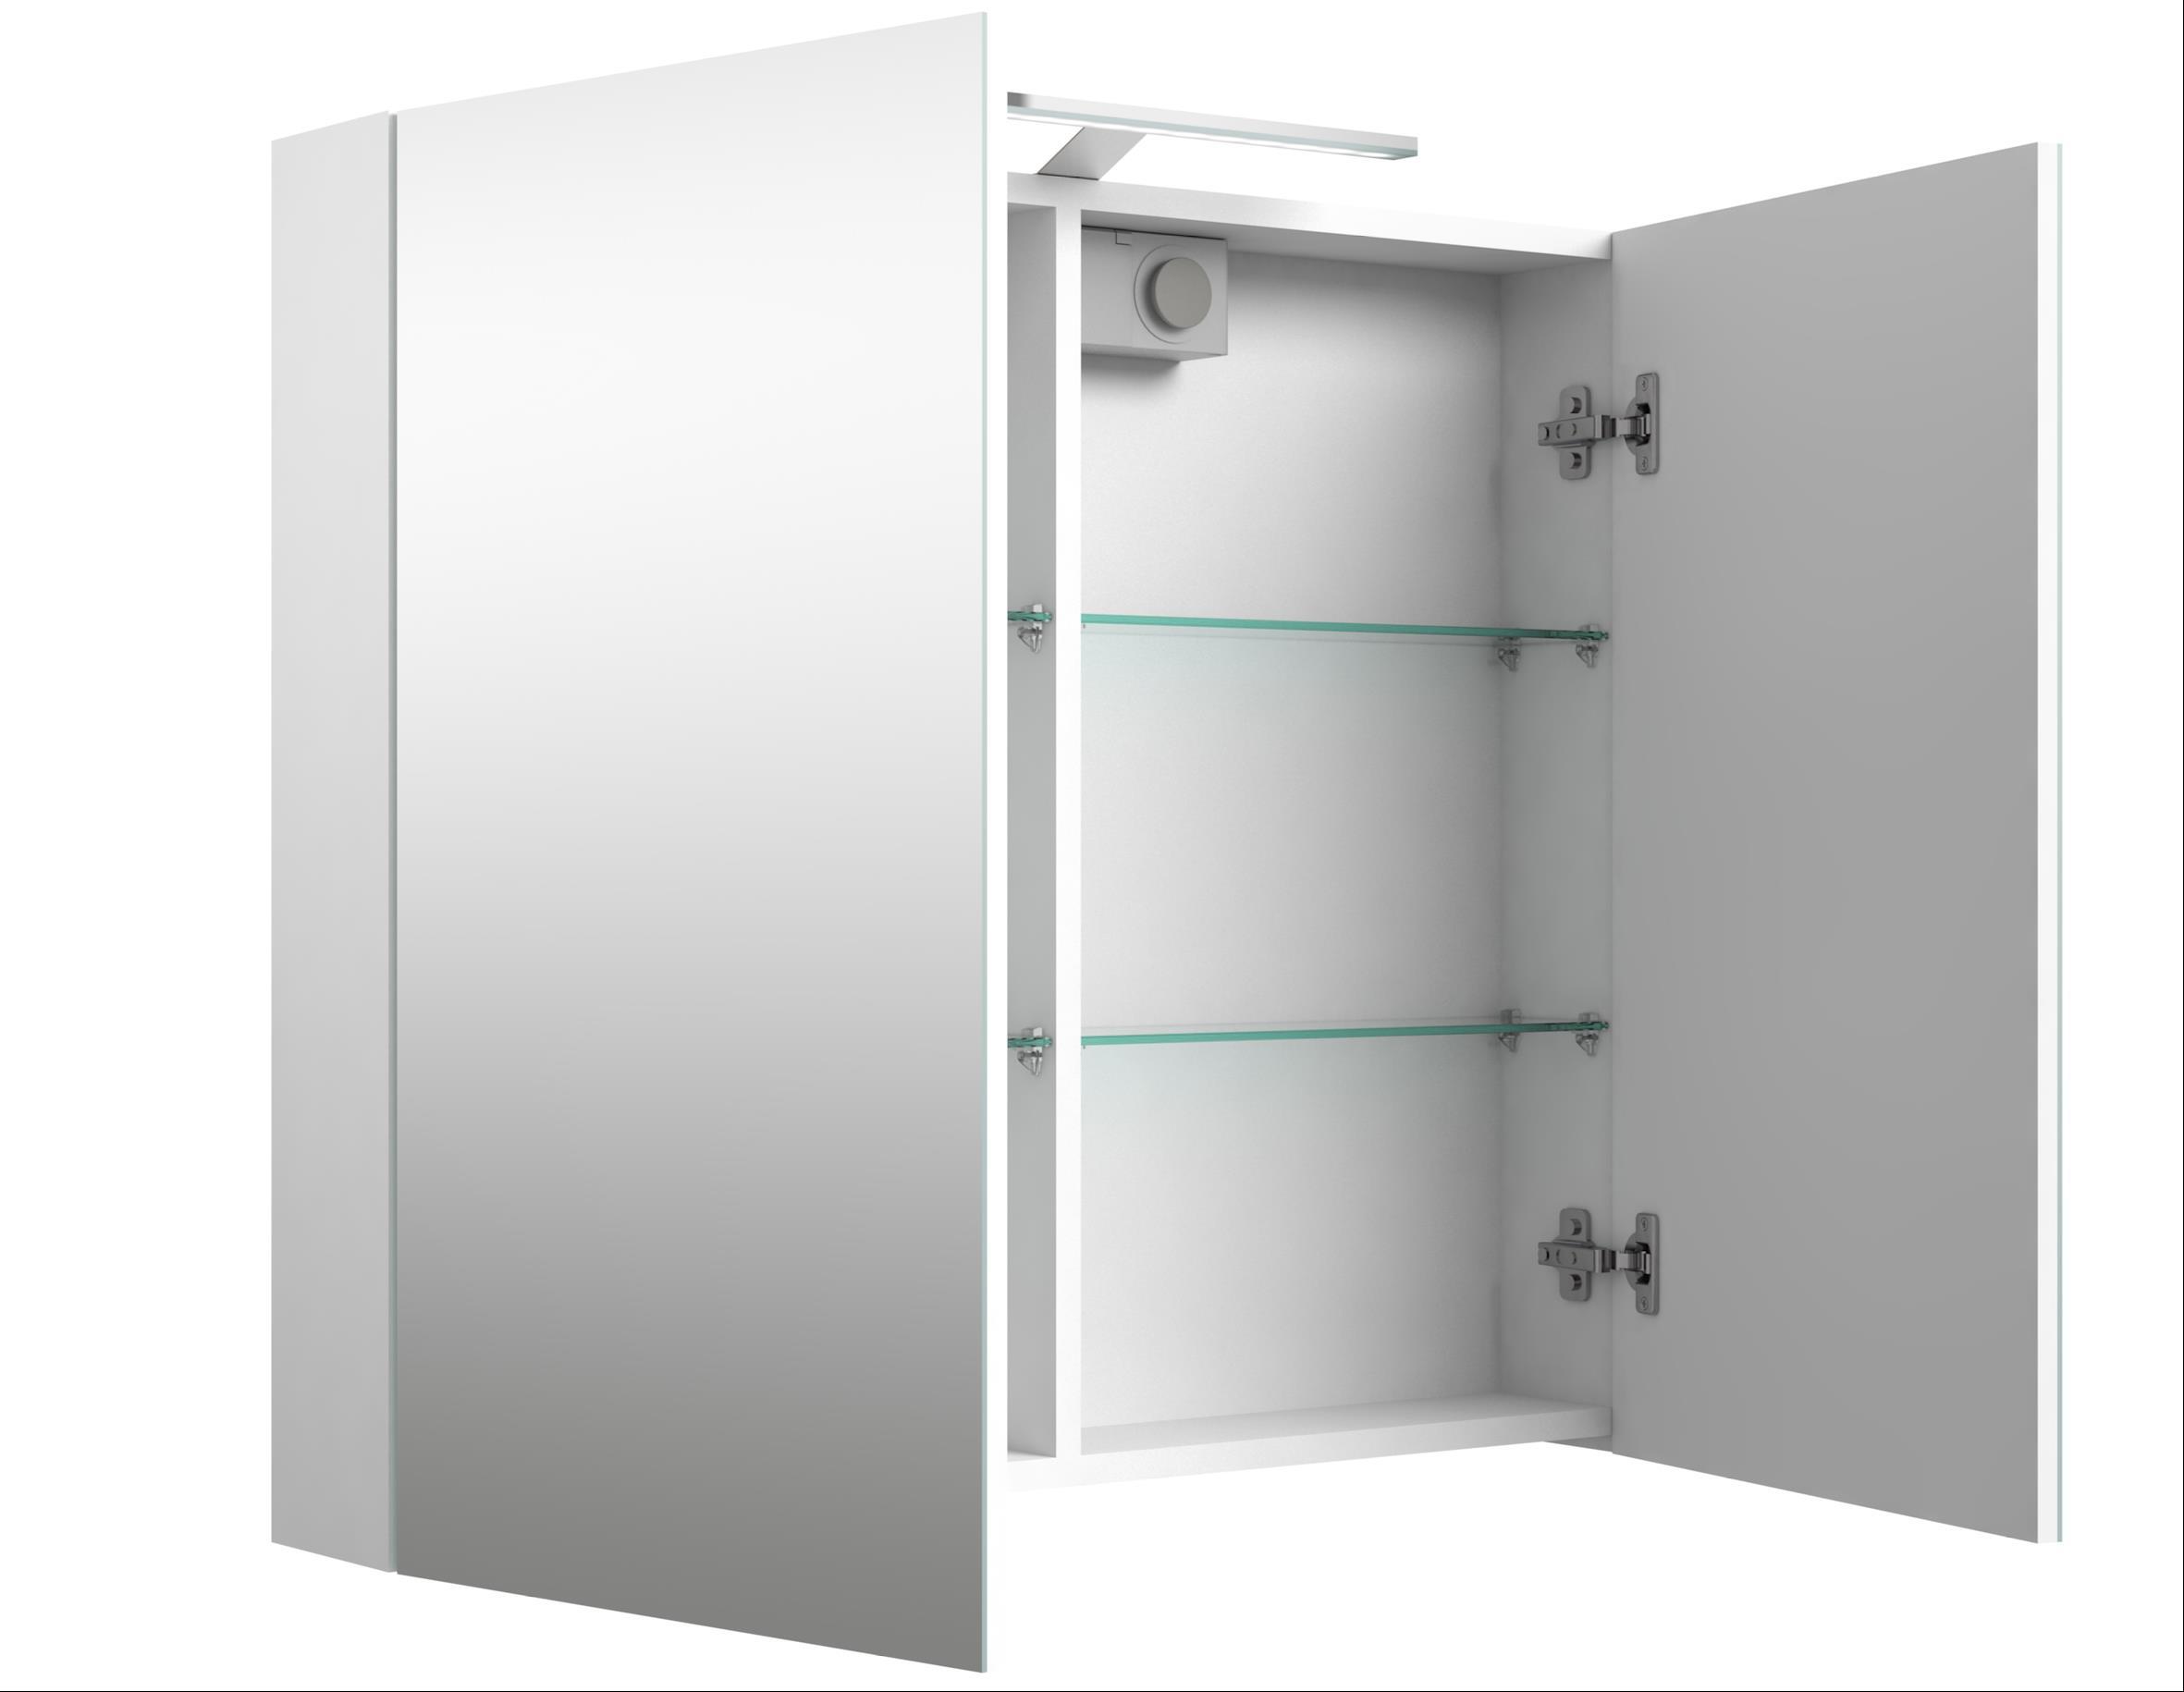 Bad LED Spiegelschrank Scandic 80 Weiß glänzend Bild 1